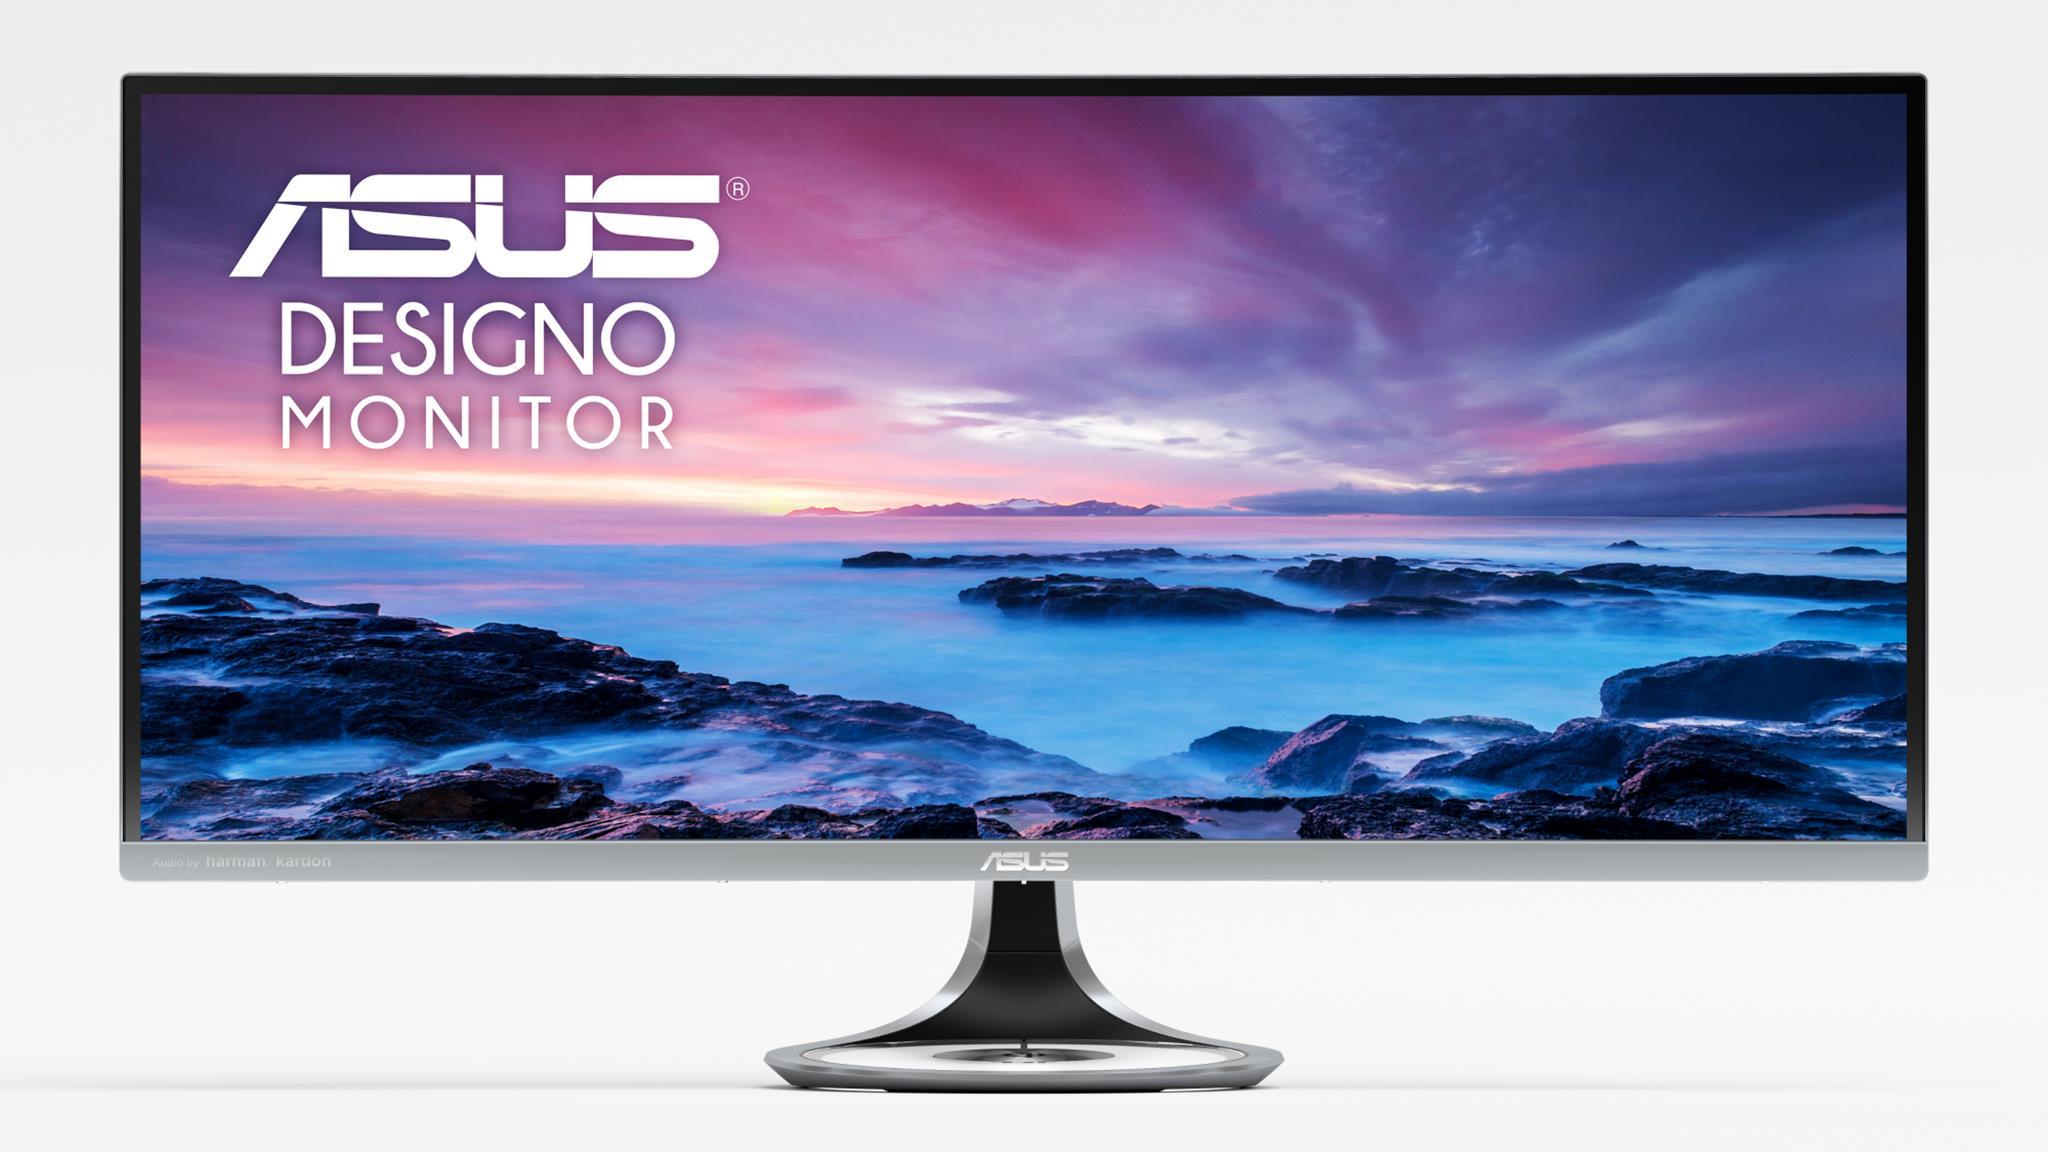 ASUS Announces Designo Curve MX34VQ